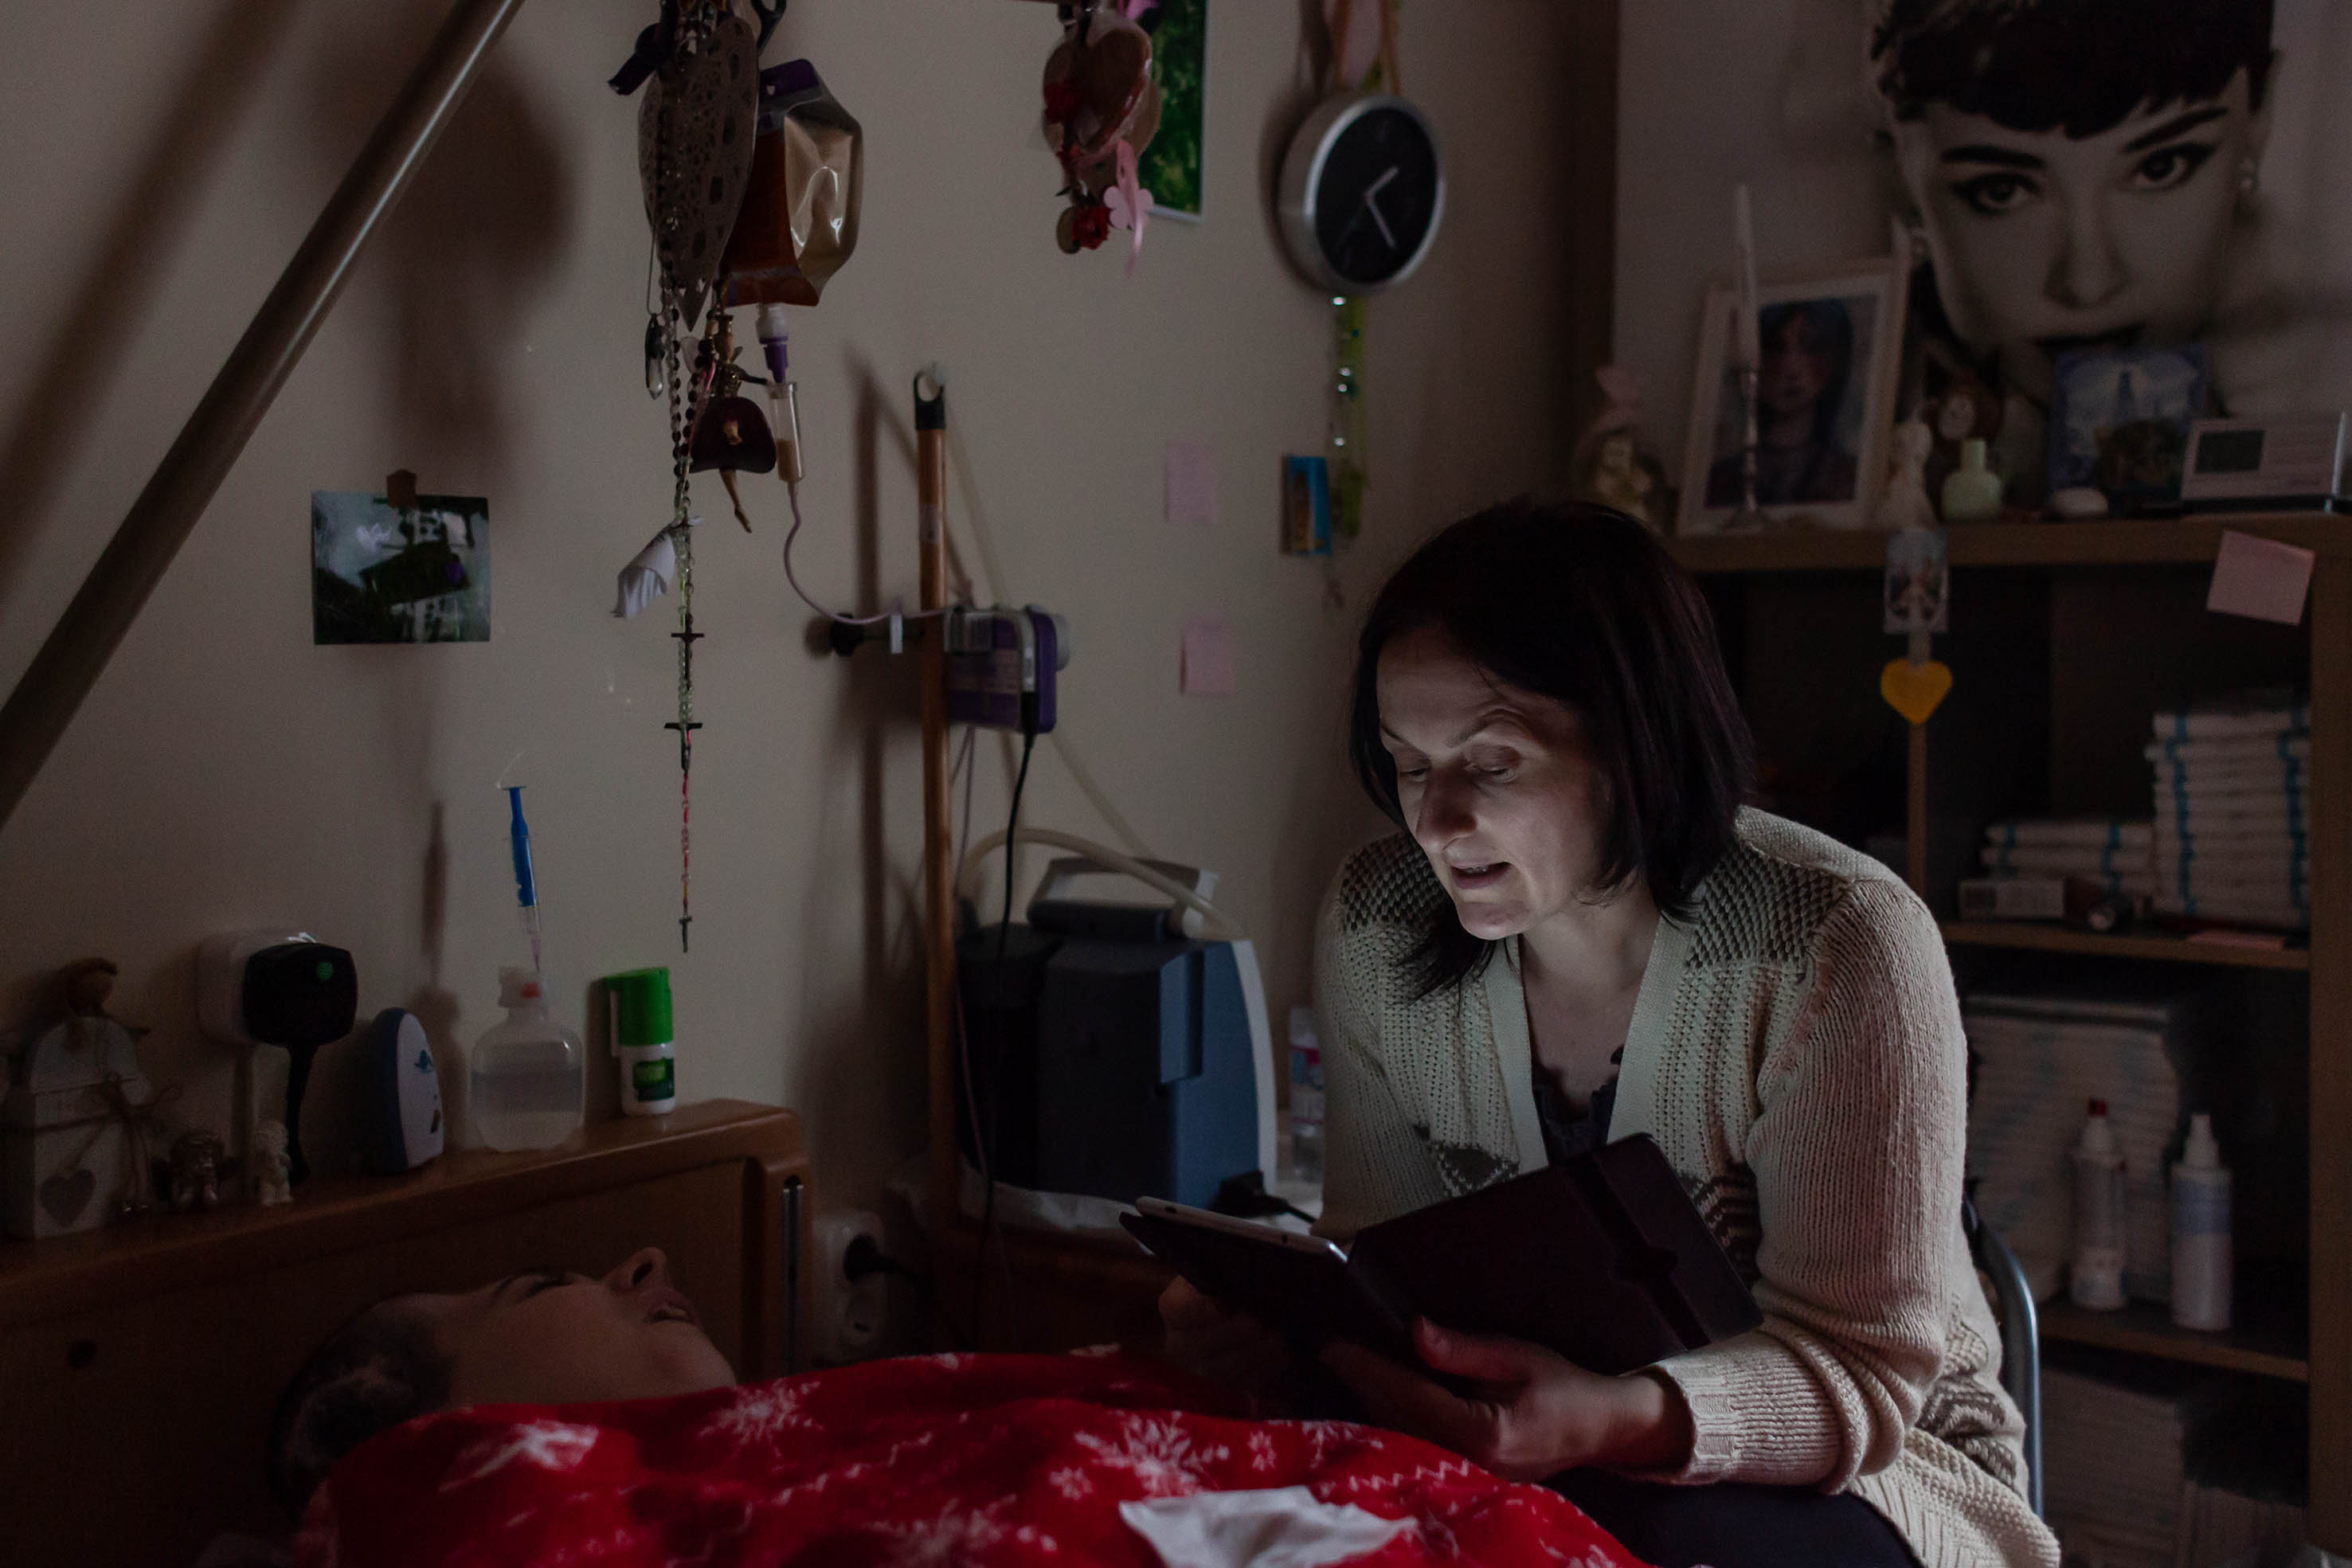 Márti rendszeresen felolvas lánya kedvenc könyvéből. Az élőbeszéd, az énekhang mással nem pótolható személyességet ad az éber kómás betegeknek.<br /><br />Fotó: Kovács Bea / Magyar Sajtófotó Pályázat